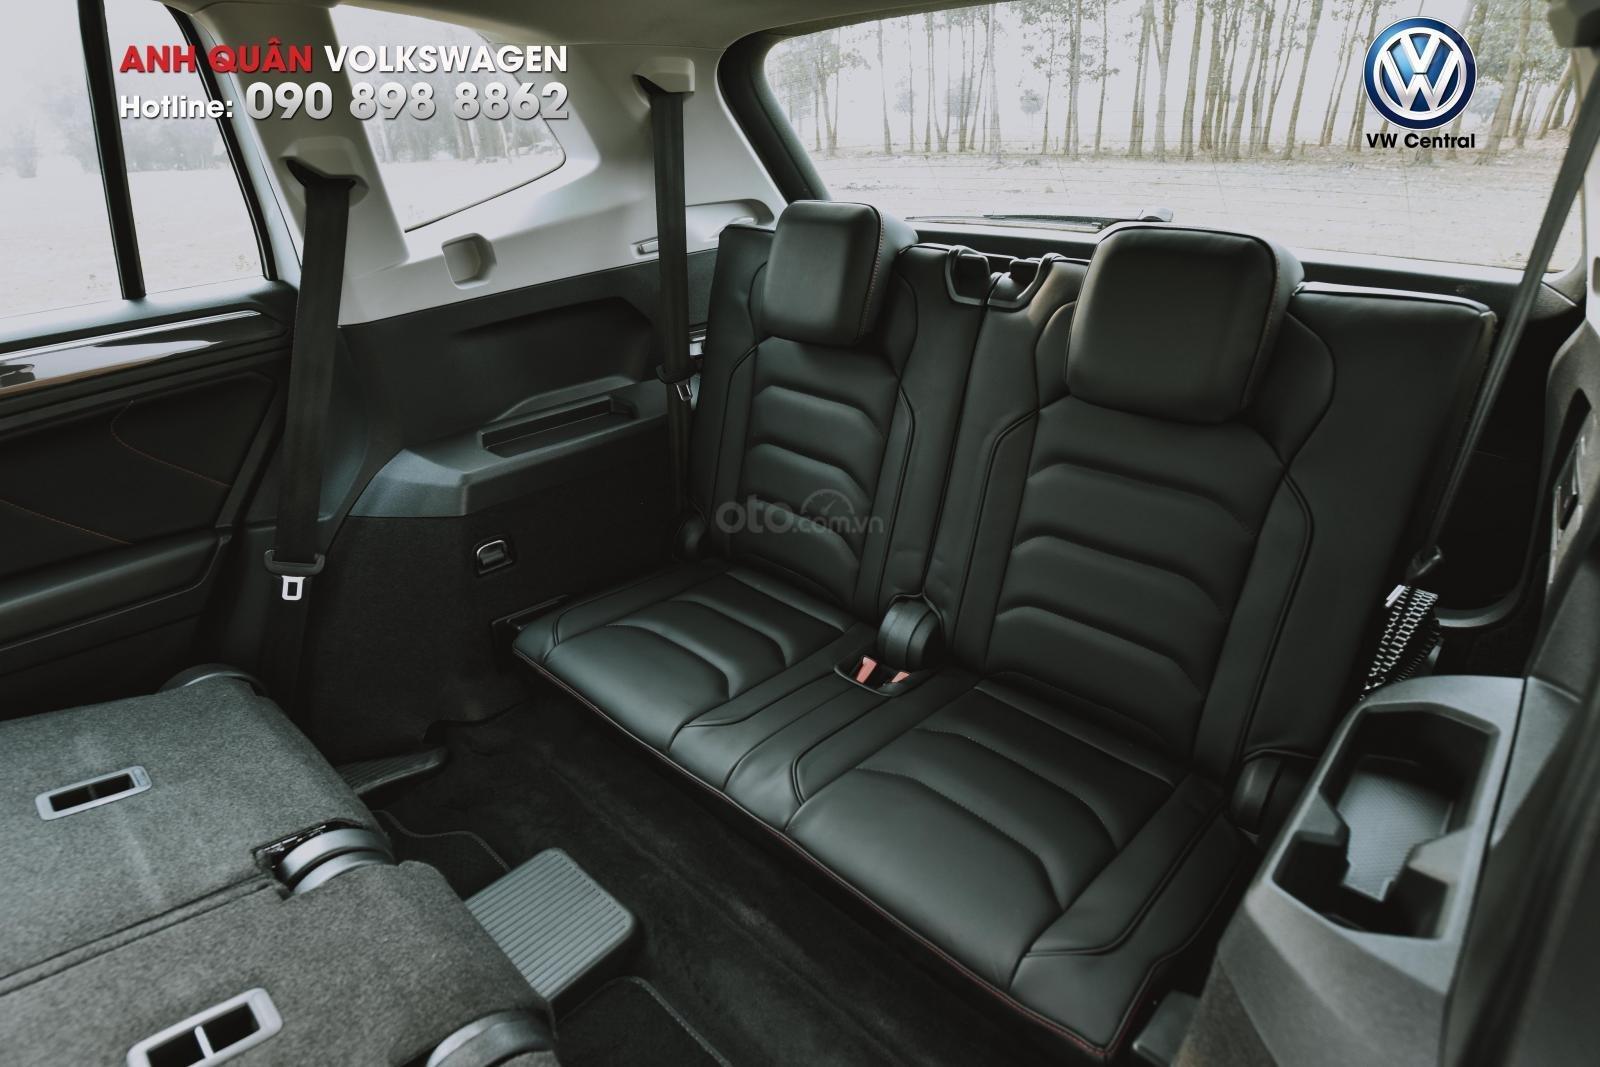 Tiguan Allspace Luxury 2020 - nhập khẩu, đủ màu, giao ngay|Hotline: 090-898-8862 (Anh Quân - VW Sài Gòn) (11)